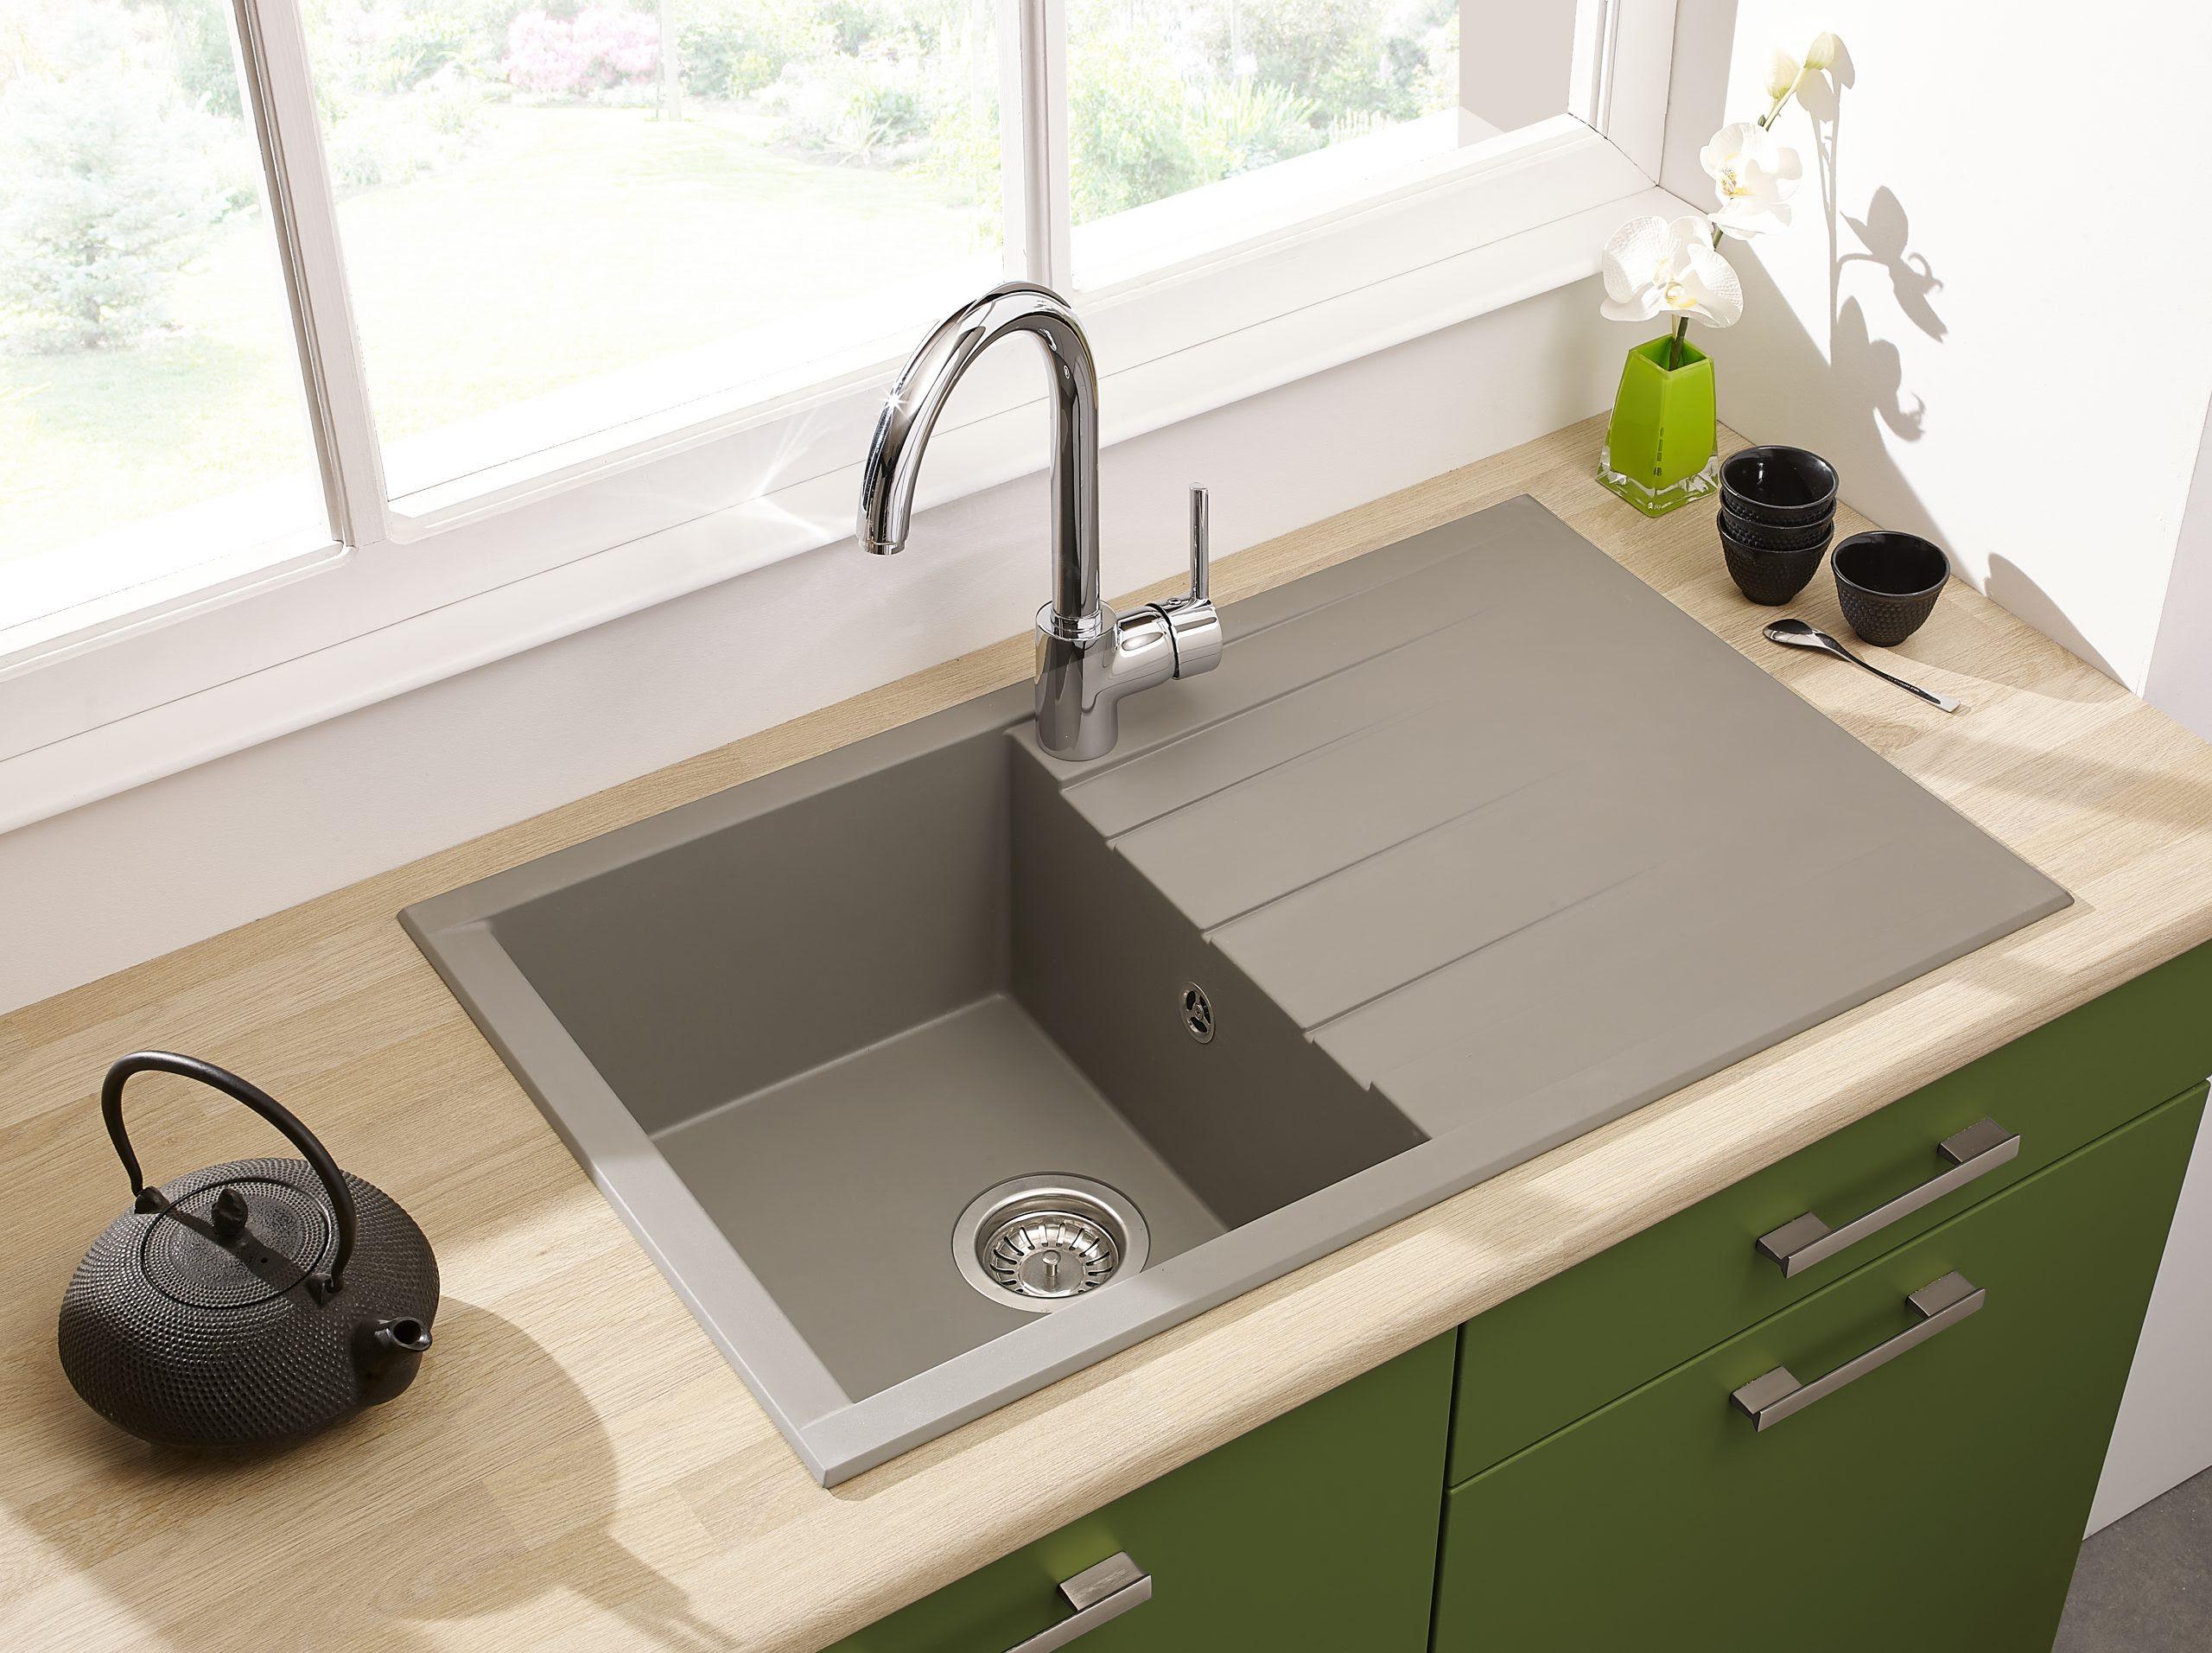 Spülbecken Küche Welches Material Emaille Terrazzo ...